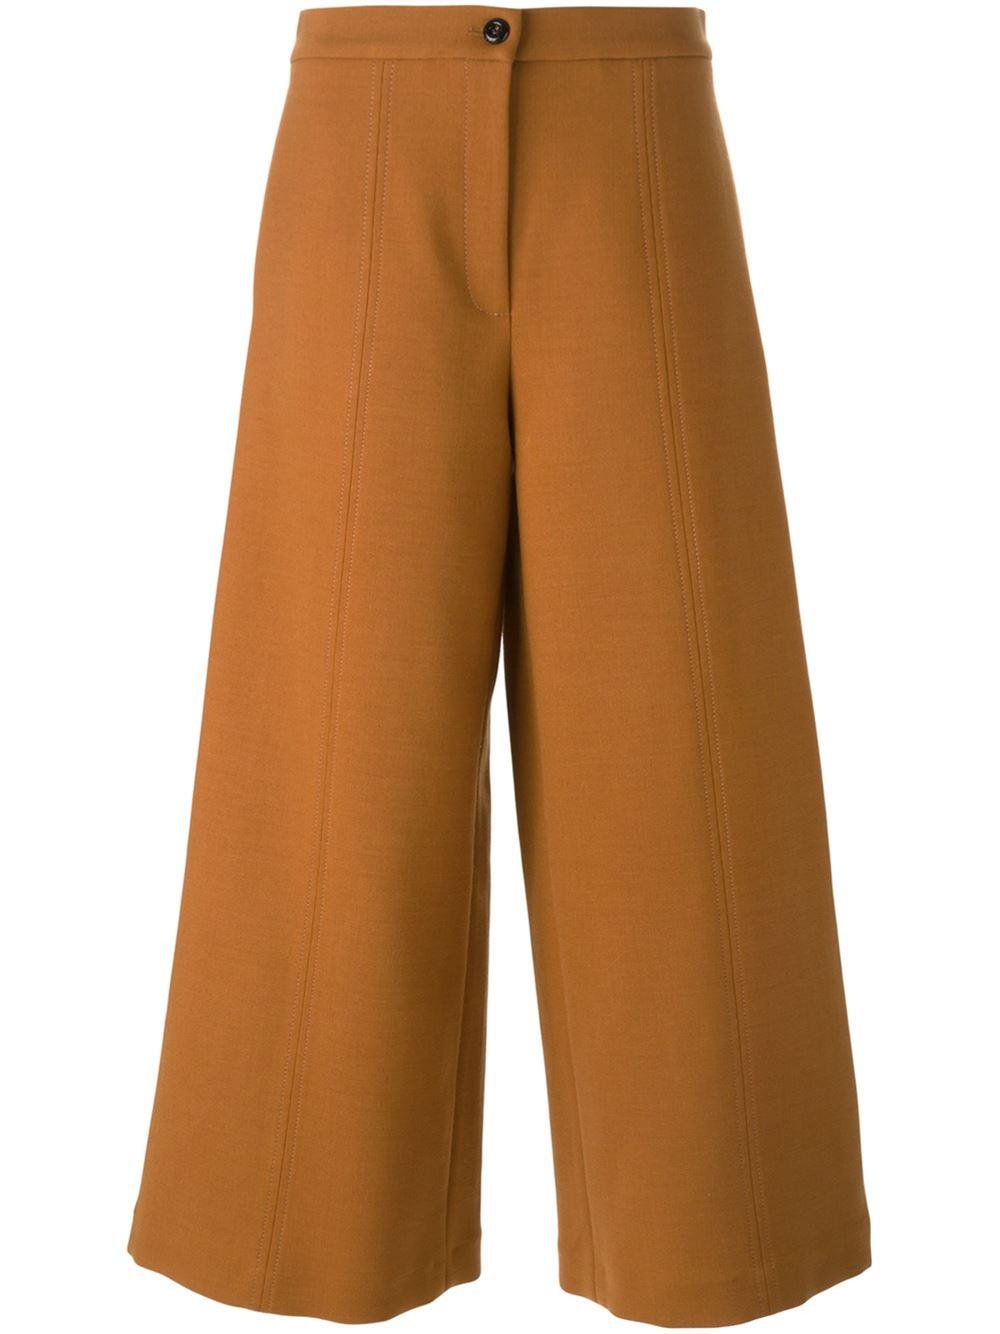 Vivetta - pantalon (340€)